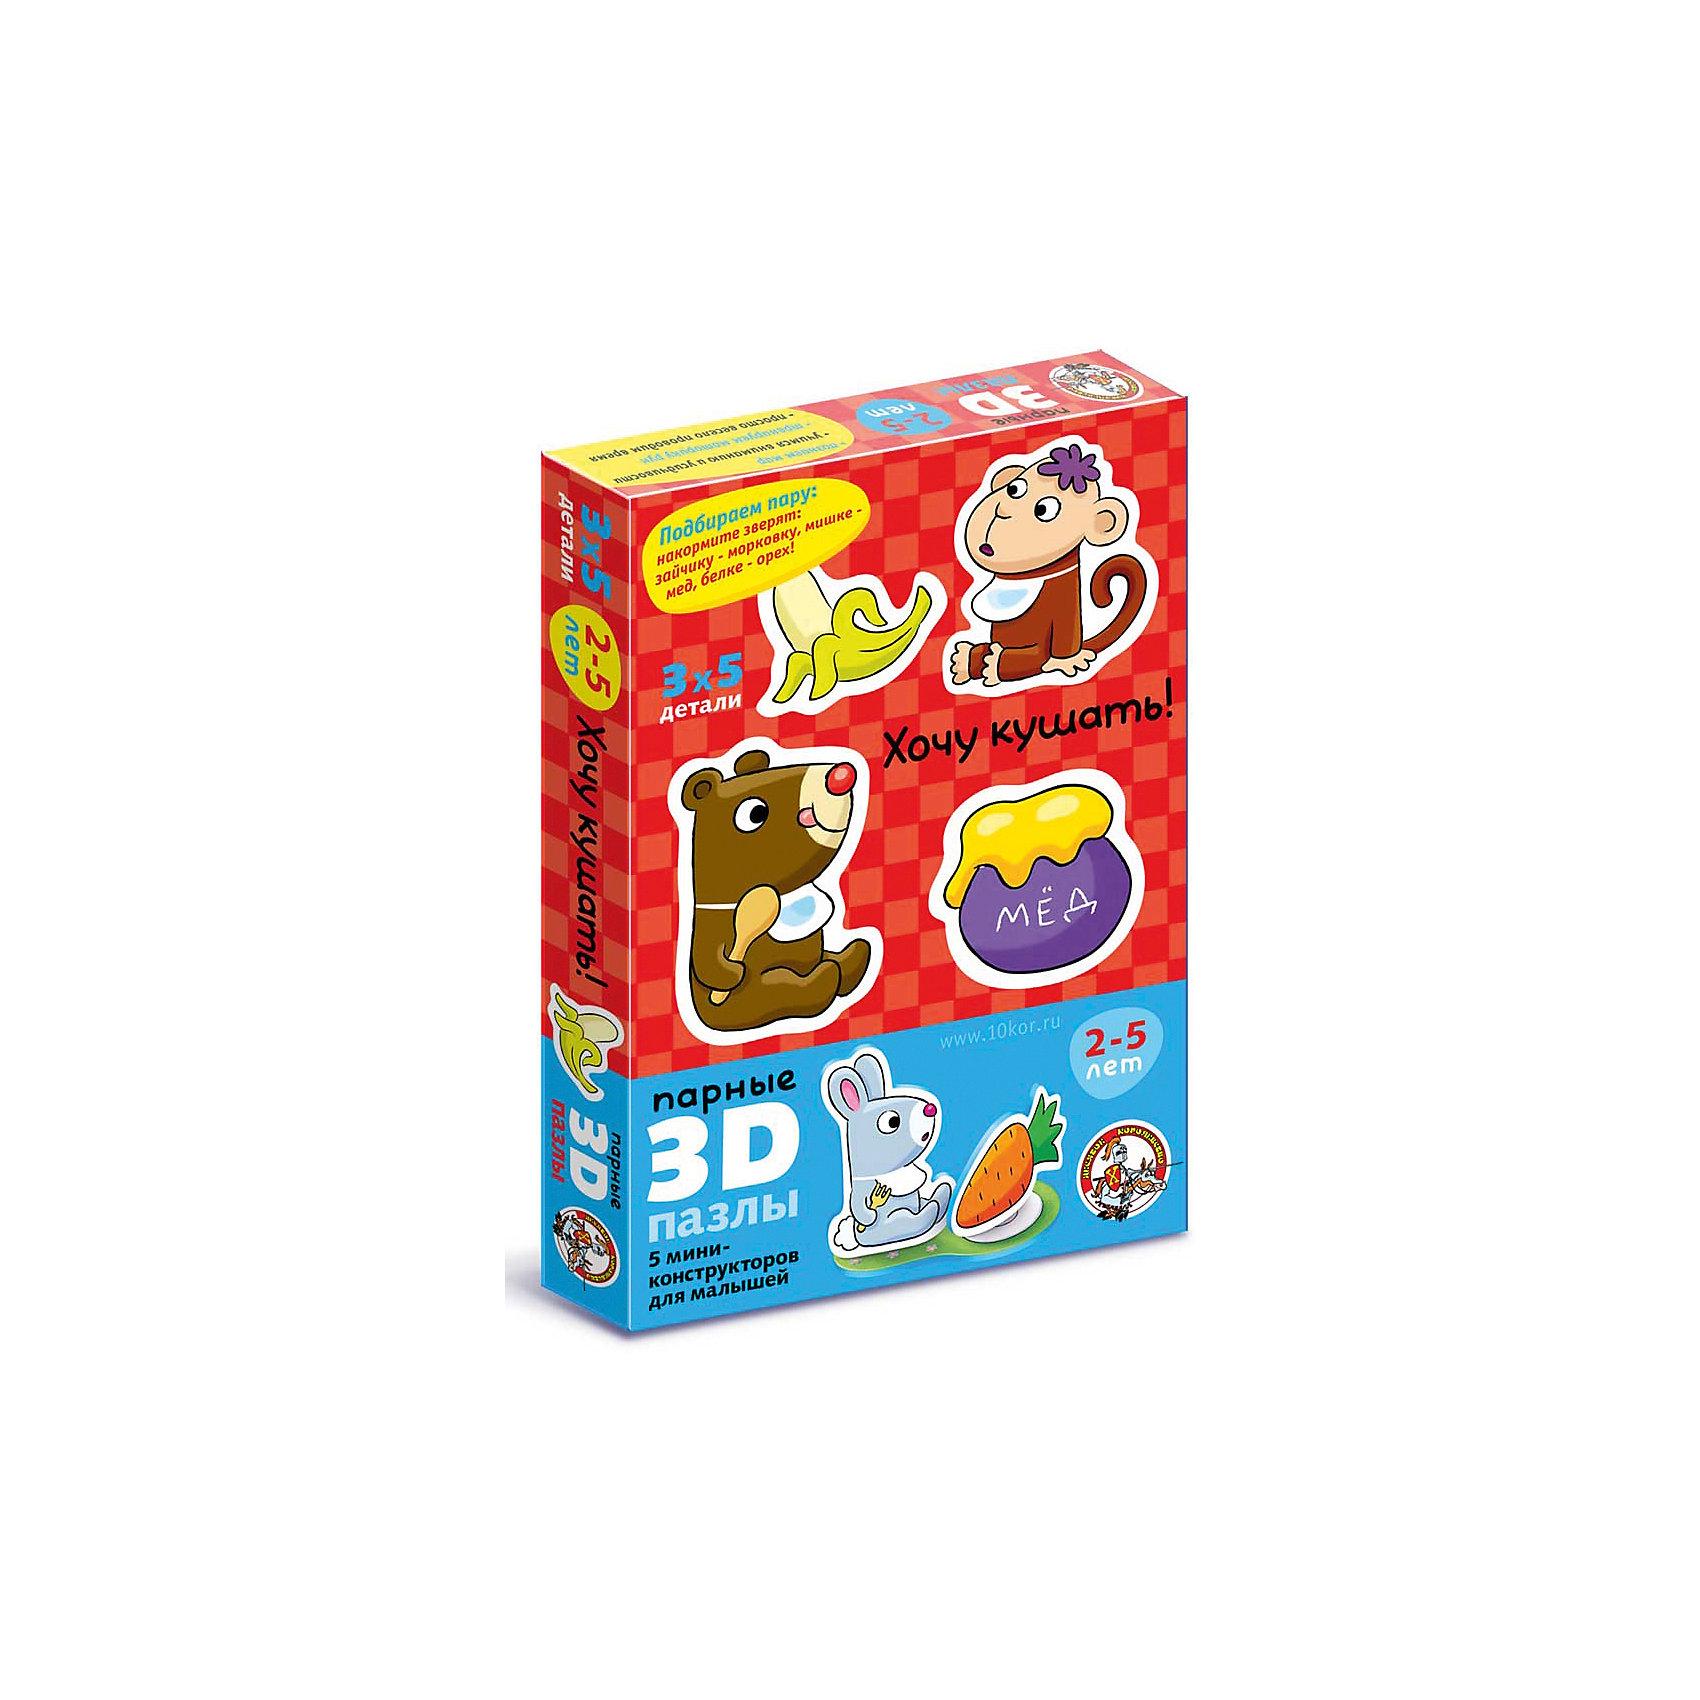 Пазлы парные 3D Хочу кушать, Десятое королевство3D пазлы<br>Пазлы парные 3D Хочу кушать, Десятое королевство<br><br>Характеристики: <br><br>• Возраст: от 2 лет<br>• Материал: вспененный материал<br>• Размер пазла: 28х19.5х3.8 см<br><br>Этот увлекательный пазл позволит вашему ребенку в игровой форме выучить названия животных, и кто из них в какой среде обитает. На карточки нанесены яркие изображения, которые легко привлекут внимание вашего малыша. Каждый элемент хорошо подходит только к тому, который является верным ответом на вопрос «Кто что ест?»<br><br>Пазлы парные 3D Хочу кушать, Десятое королевство можно купить в нашем интернет-магазине.<br><br>Ширина мм: 280<br>Глубина мм: 195<br>Высота мм: 38<br>Вес г: 188<br>Возраст от месяцев: 60<br>Возраст до месяцев: 84<br>Пол: Унисекс<br>Возраст: Детский<br>SKU: 5473756